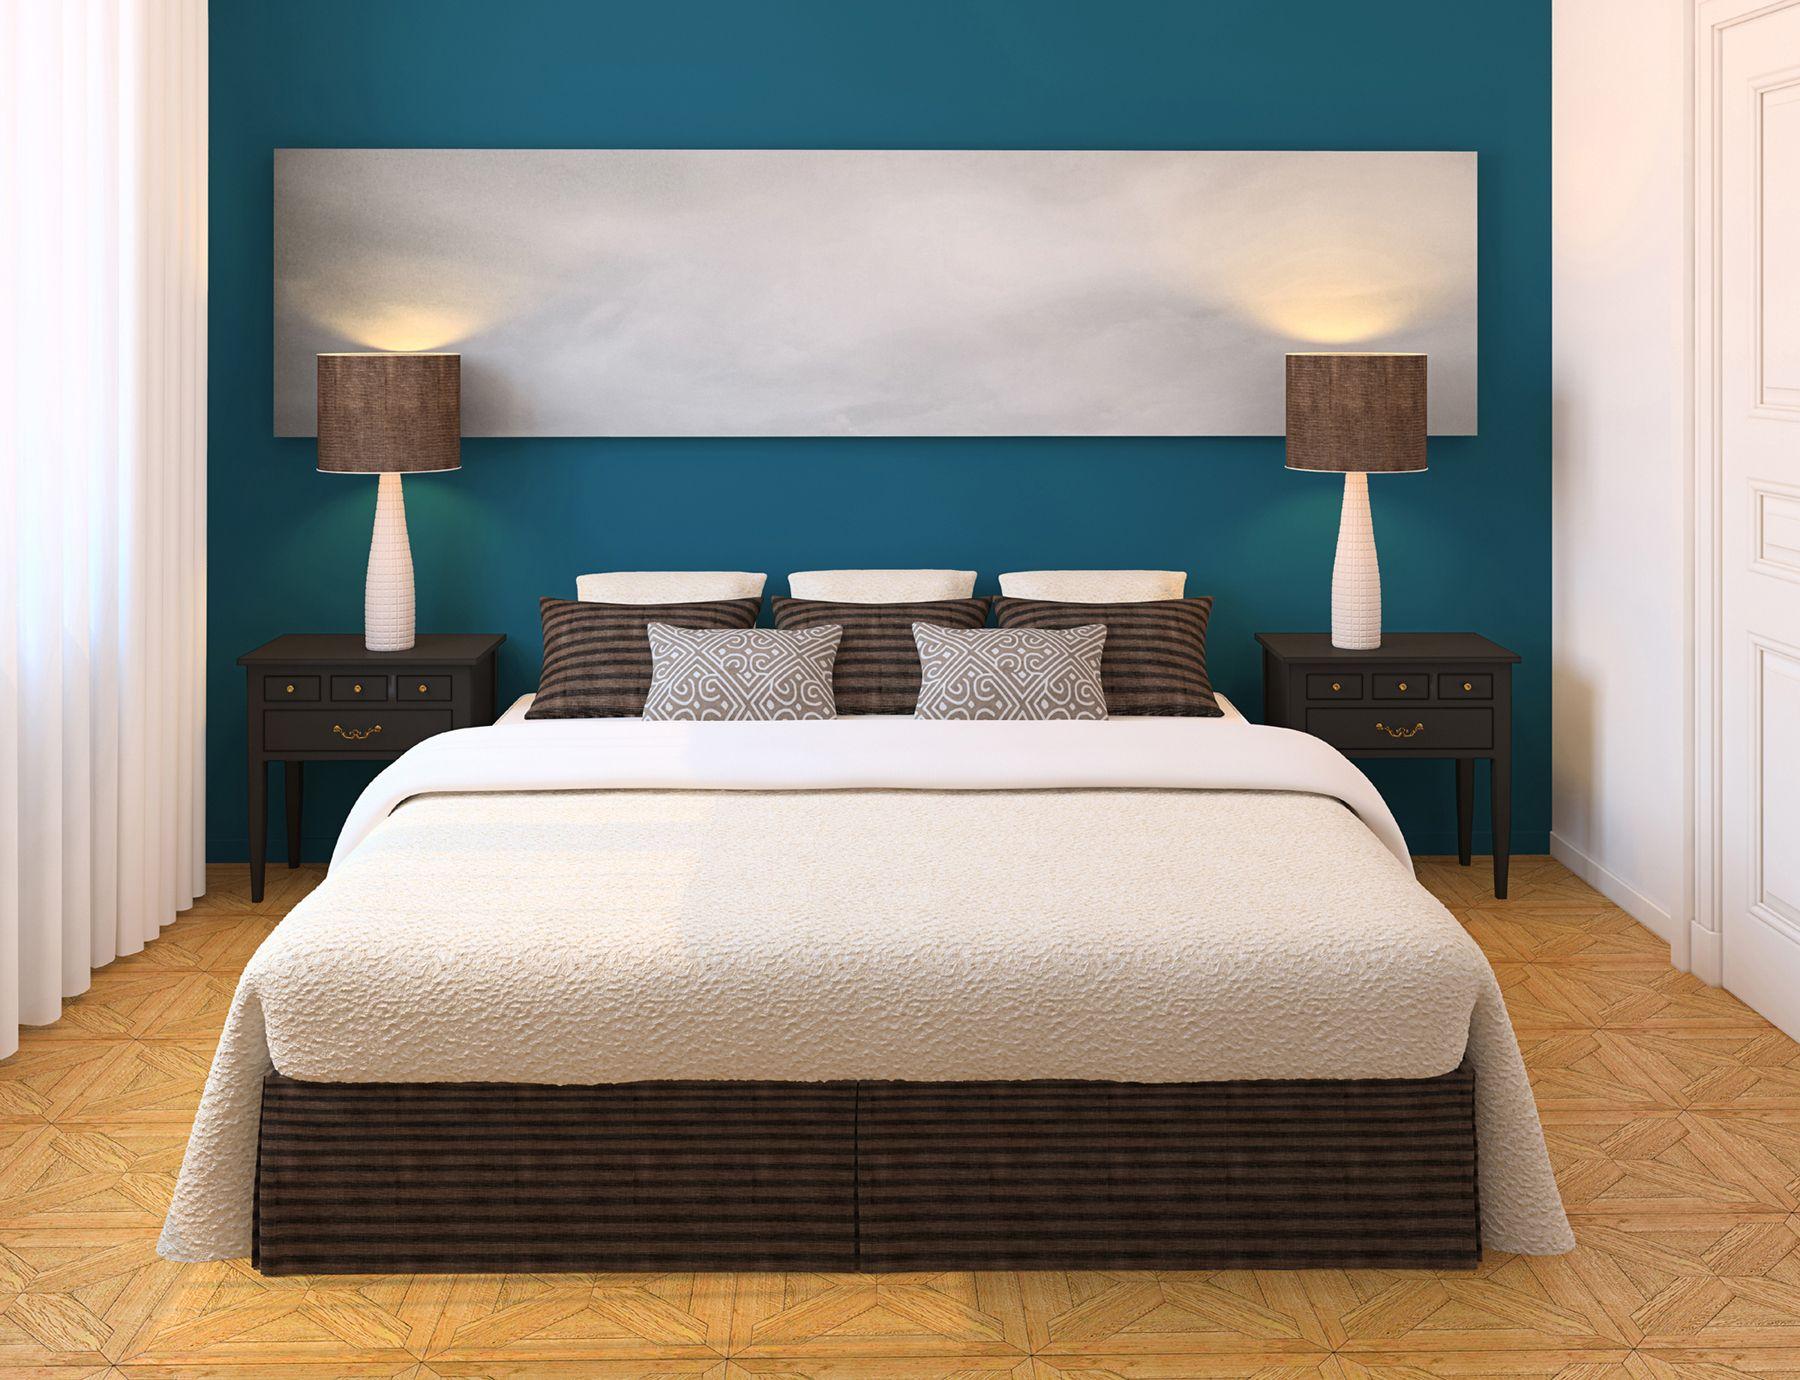 Top Ten Bedroom Paint Color Ideas Trends 2018 Cvetovye Shemy Dlya Spalen Pokraska Sten V Spalne Krasochnaya Spalnya